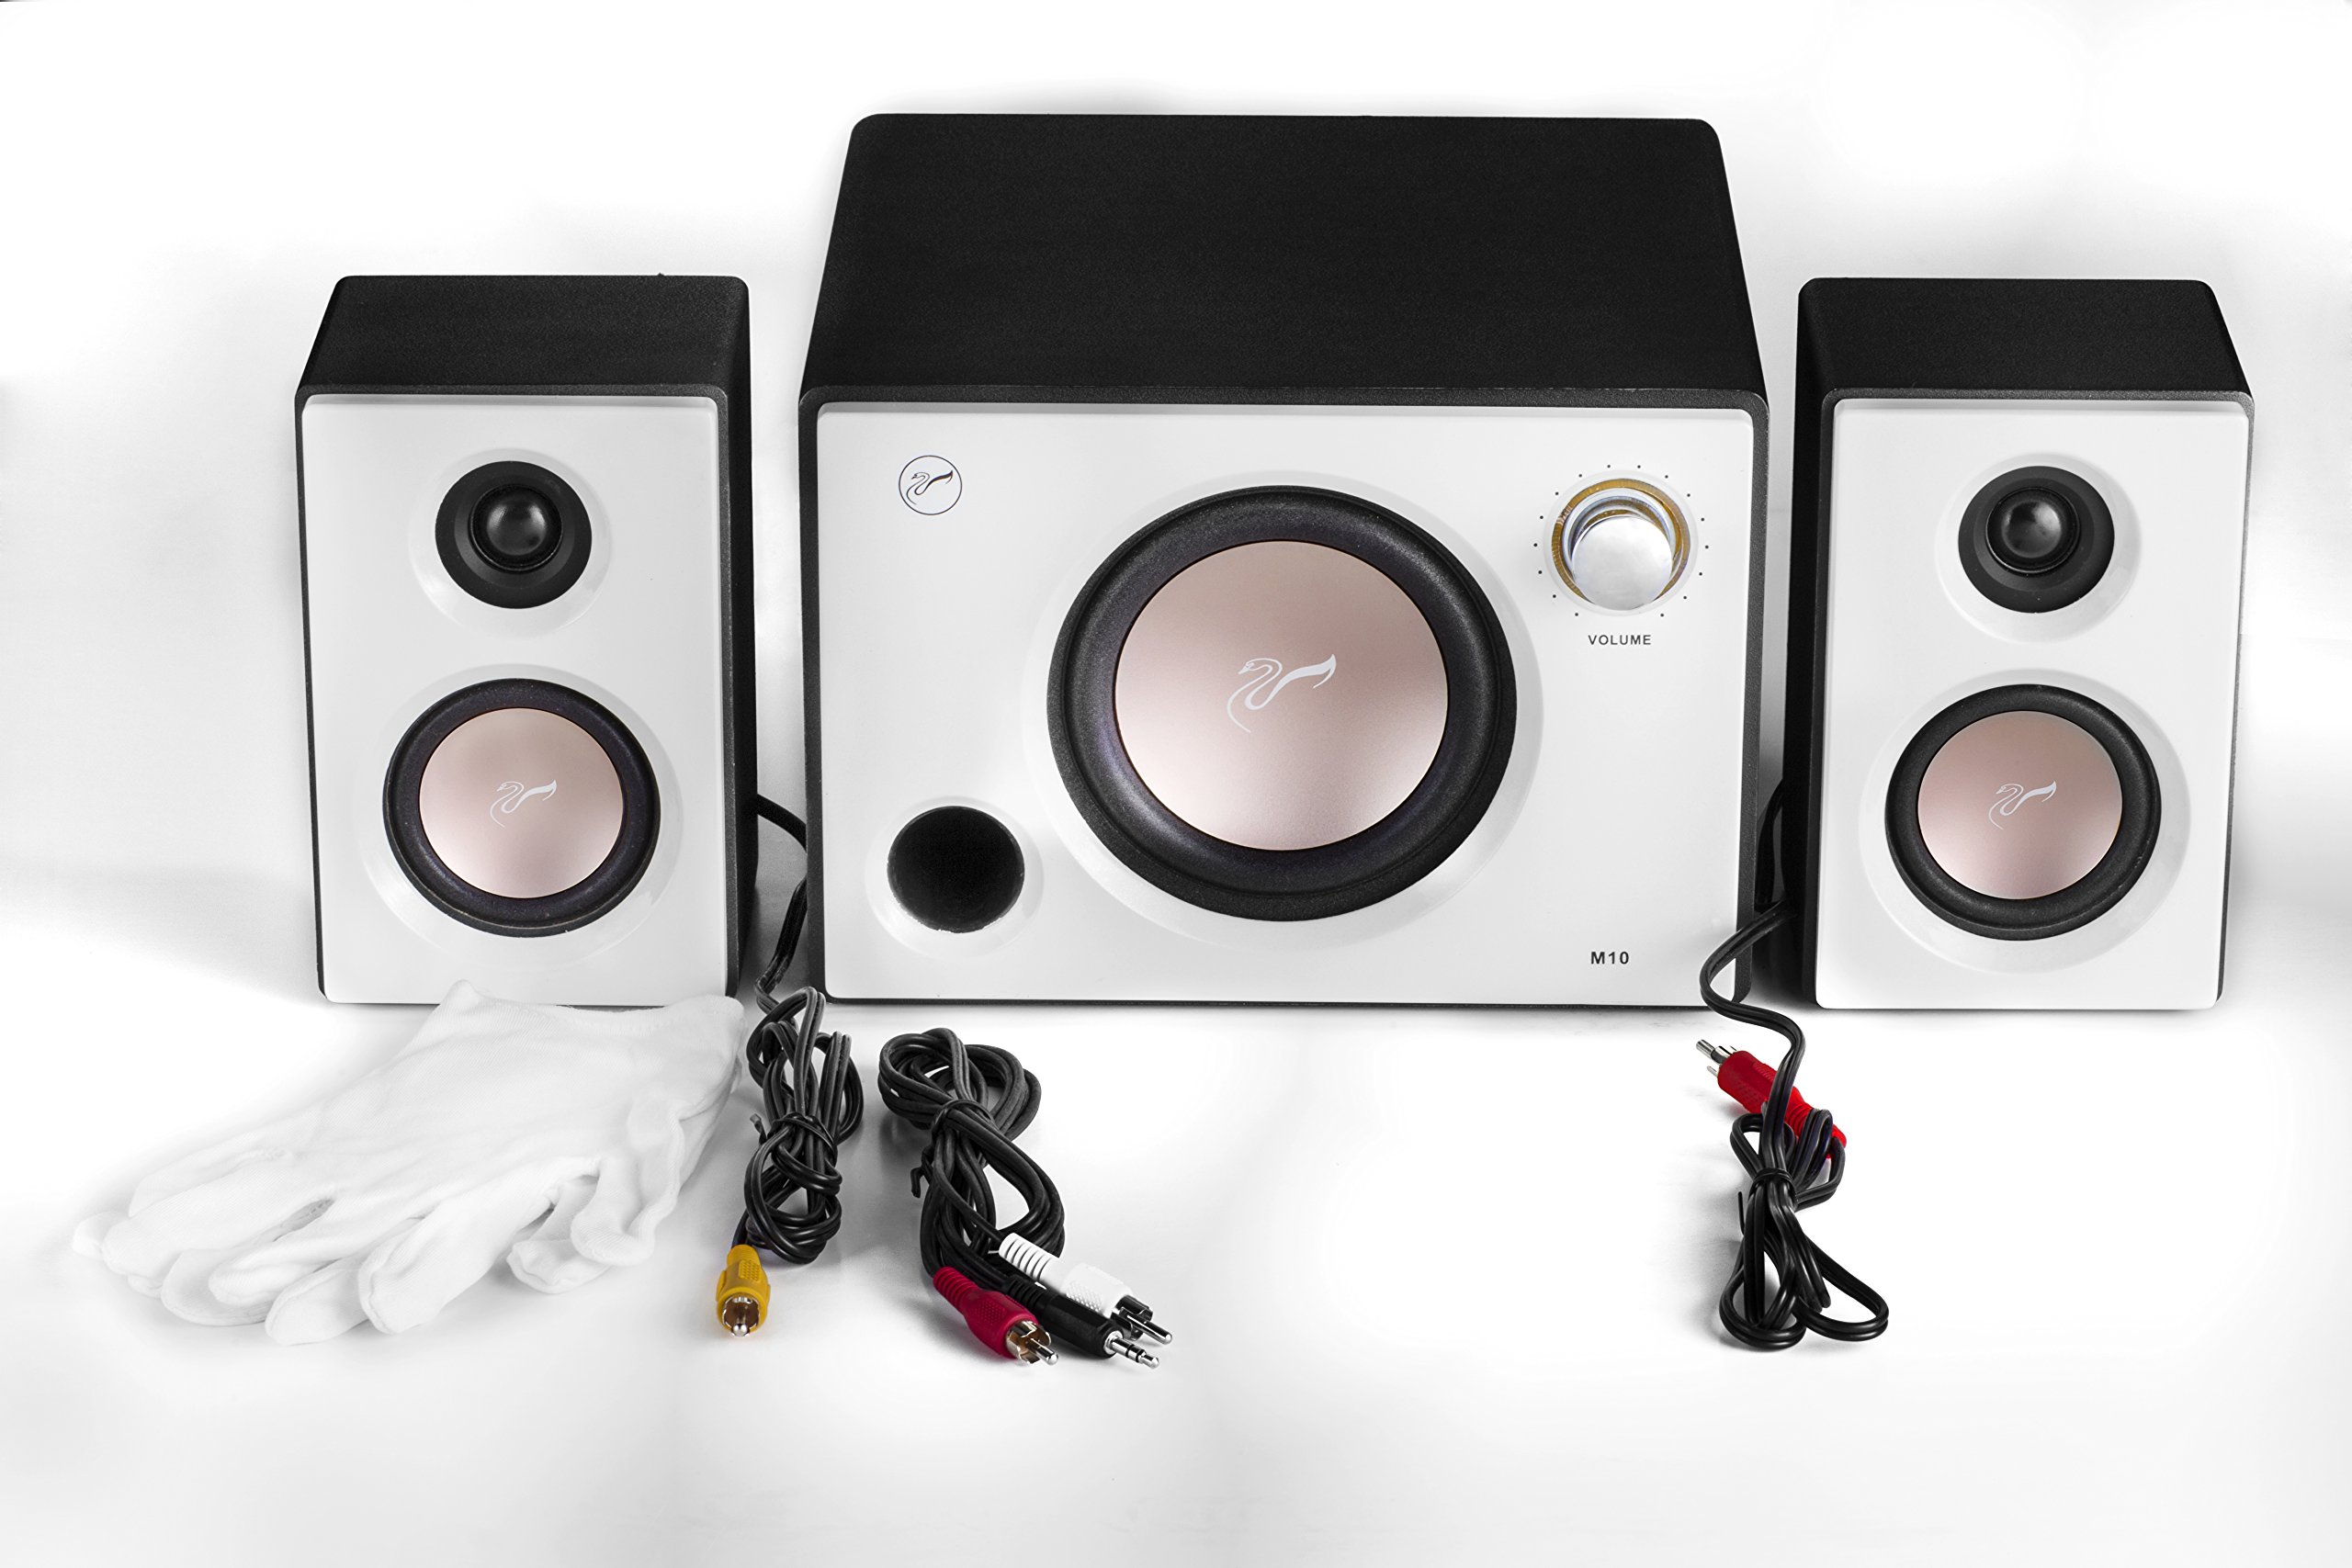 Swan Speakers - M10 - Powered 2.1 Computer Speakers - Surround Sound - Near-Field Speakers - Bookshelf Speakers - Pearl White by Swan Speakers (Image #1)